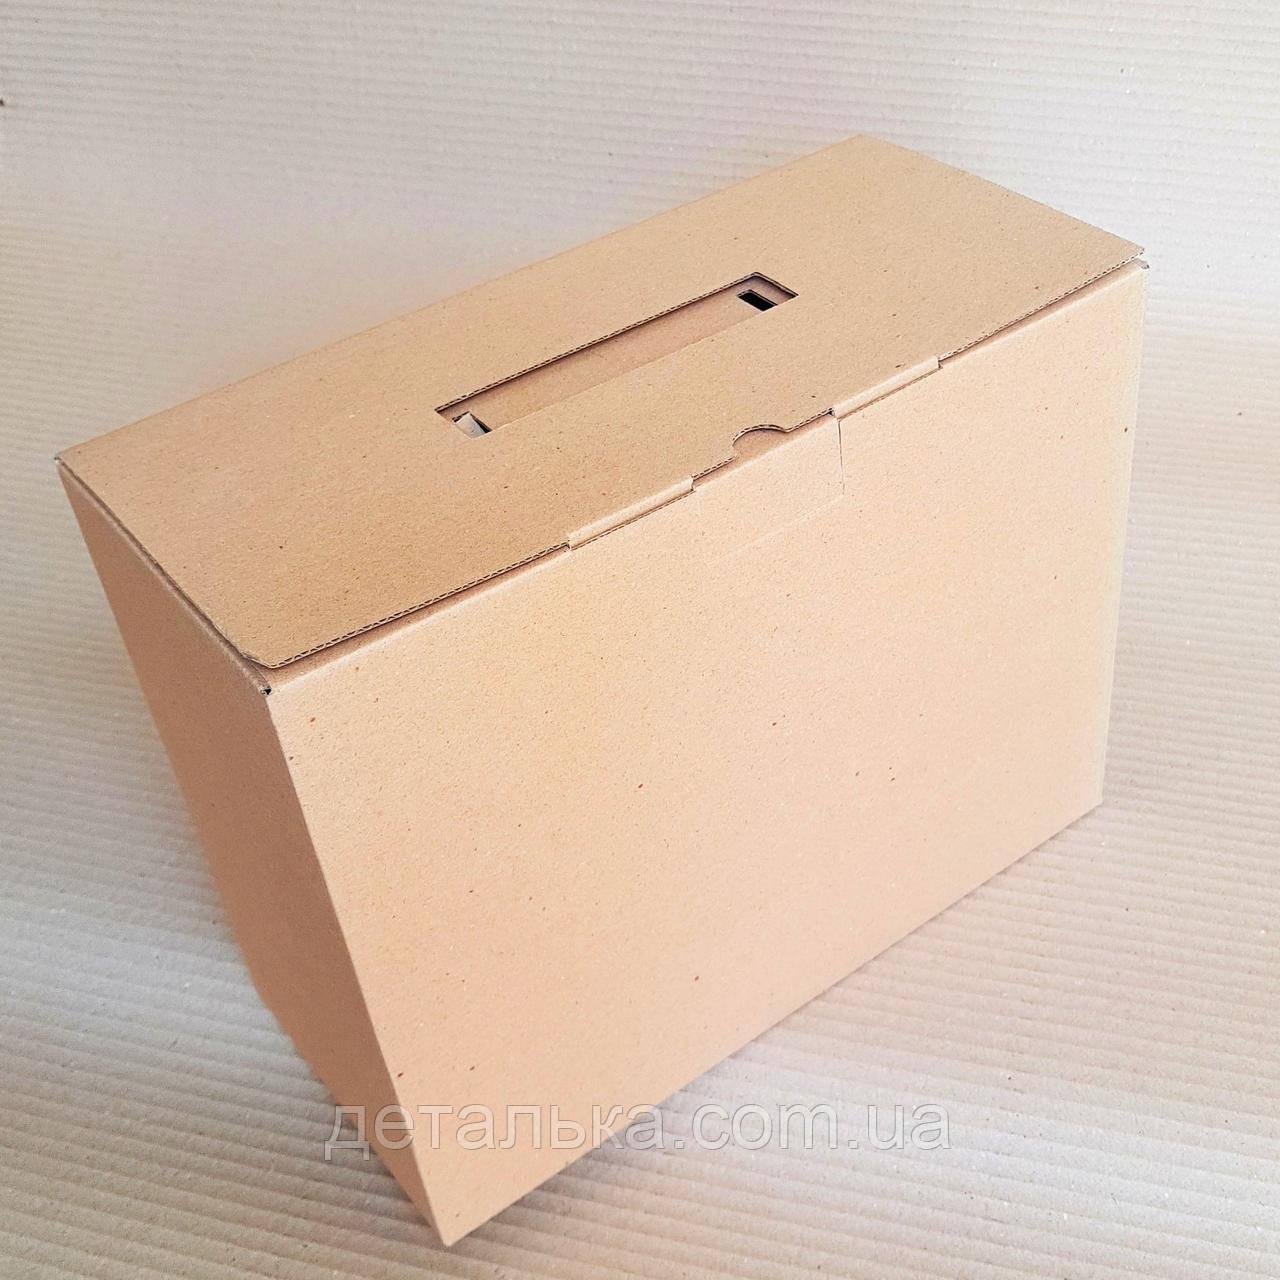 Картонные коробки с ручкой 302*138*238 мм.